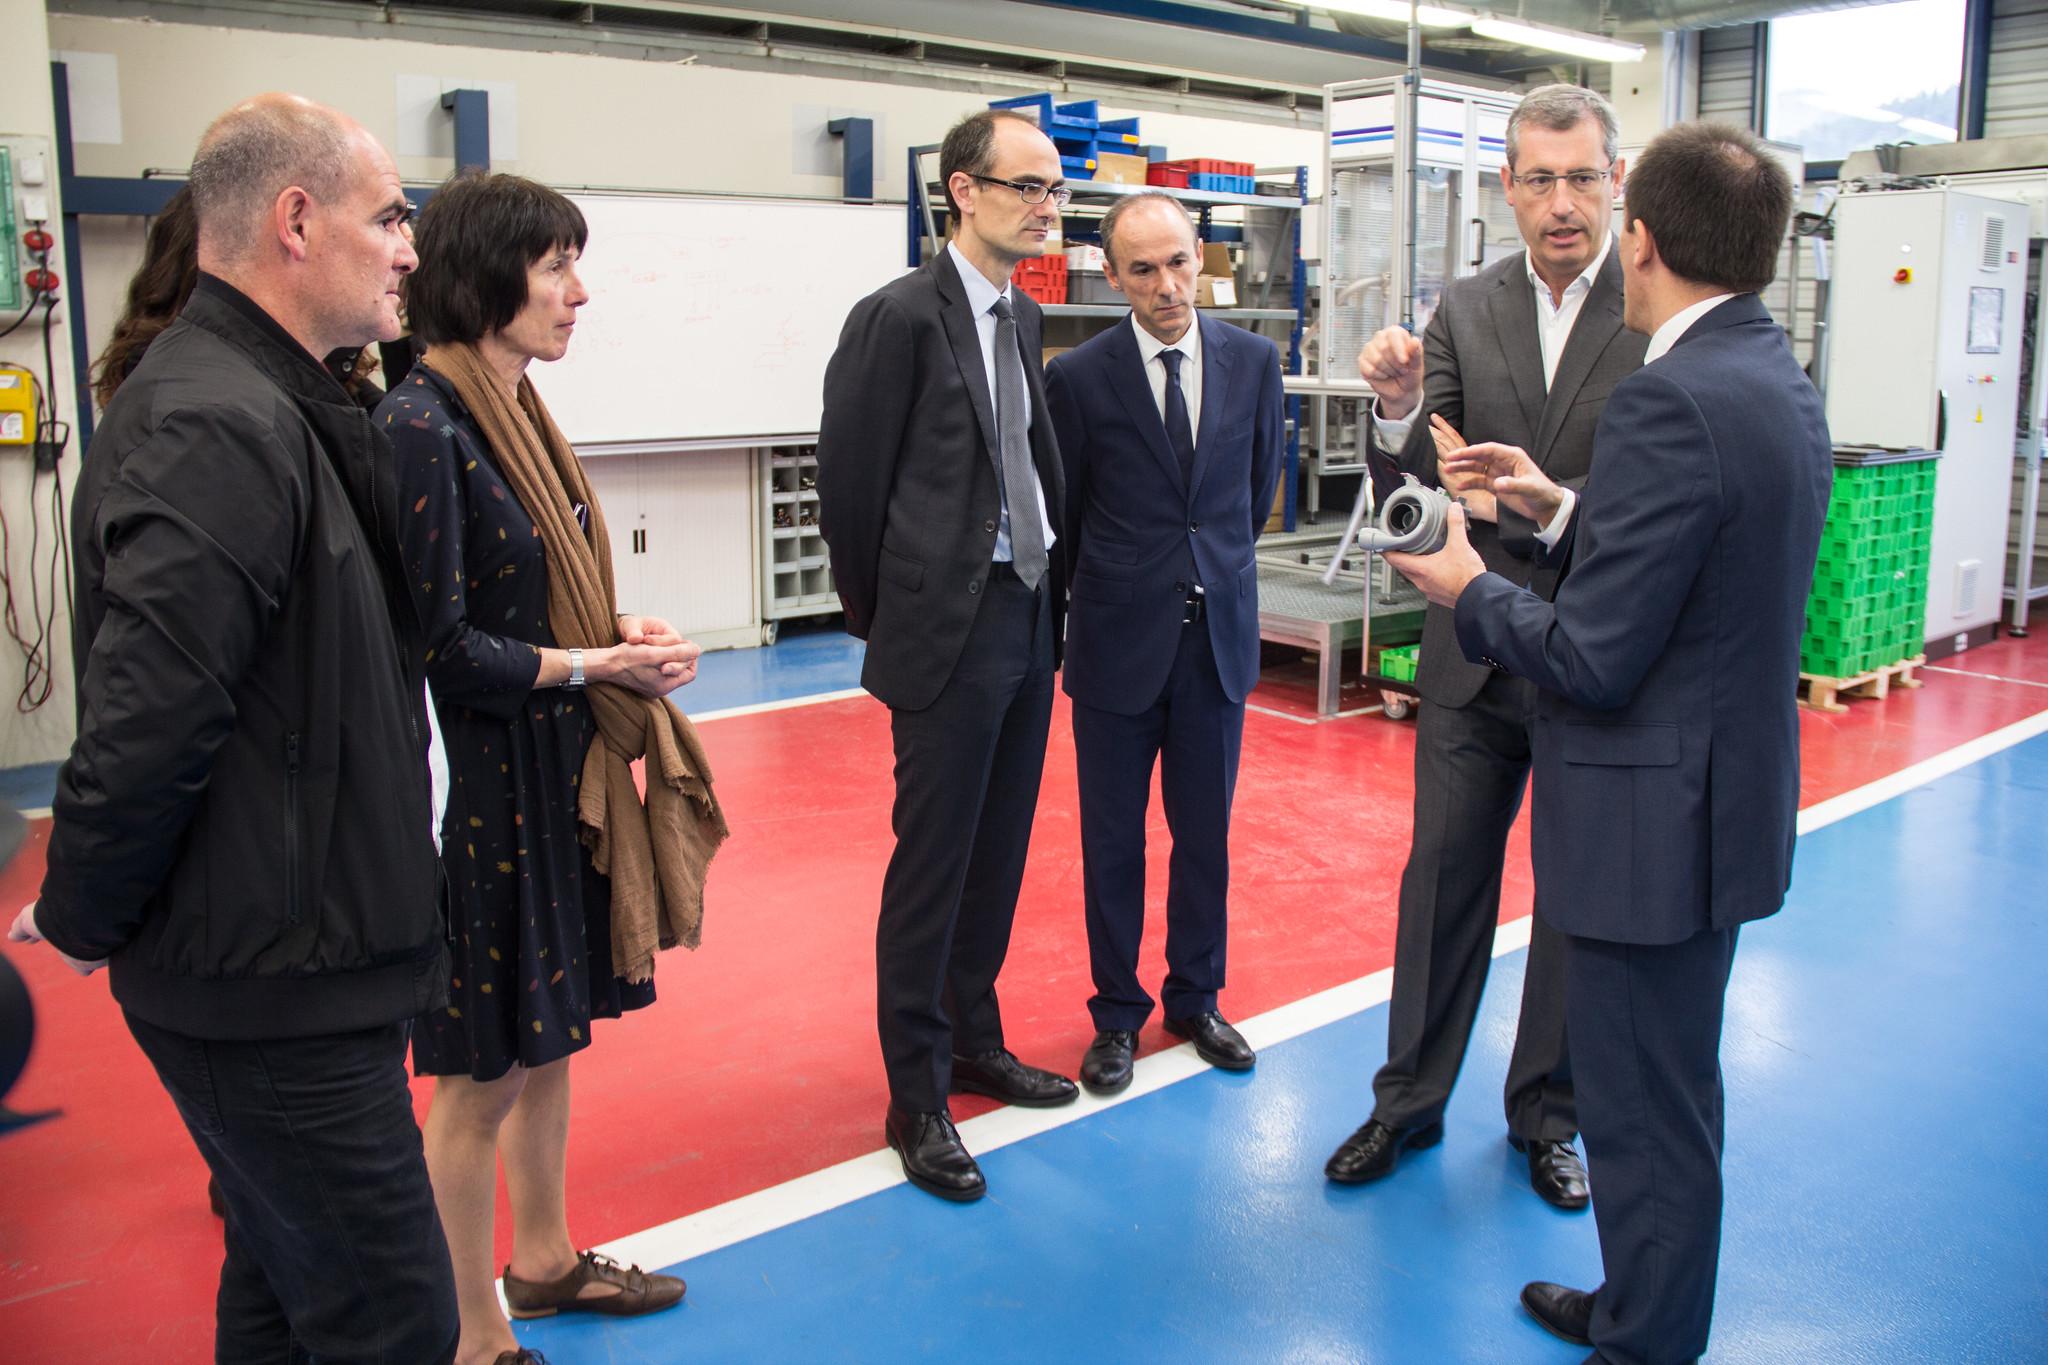 El diputado general Markel Olano visita Copreci